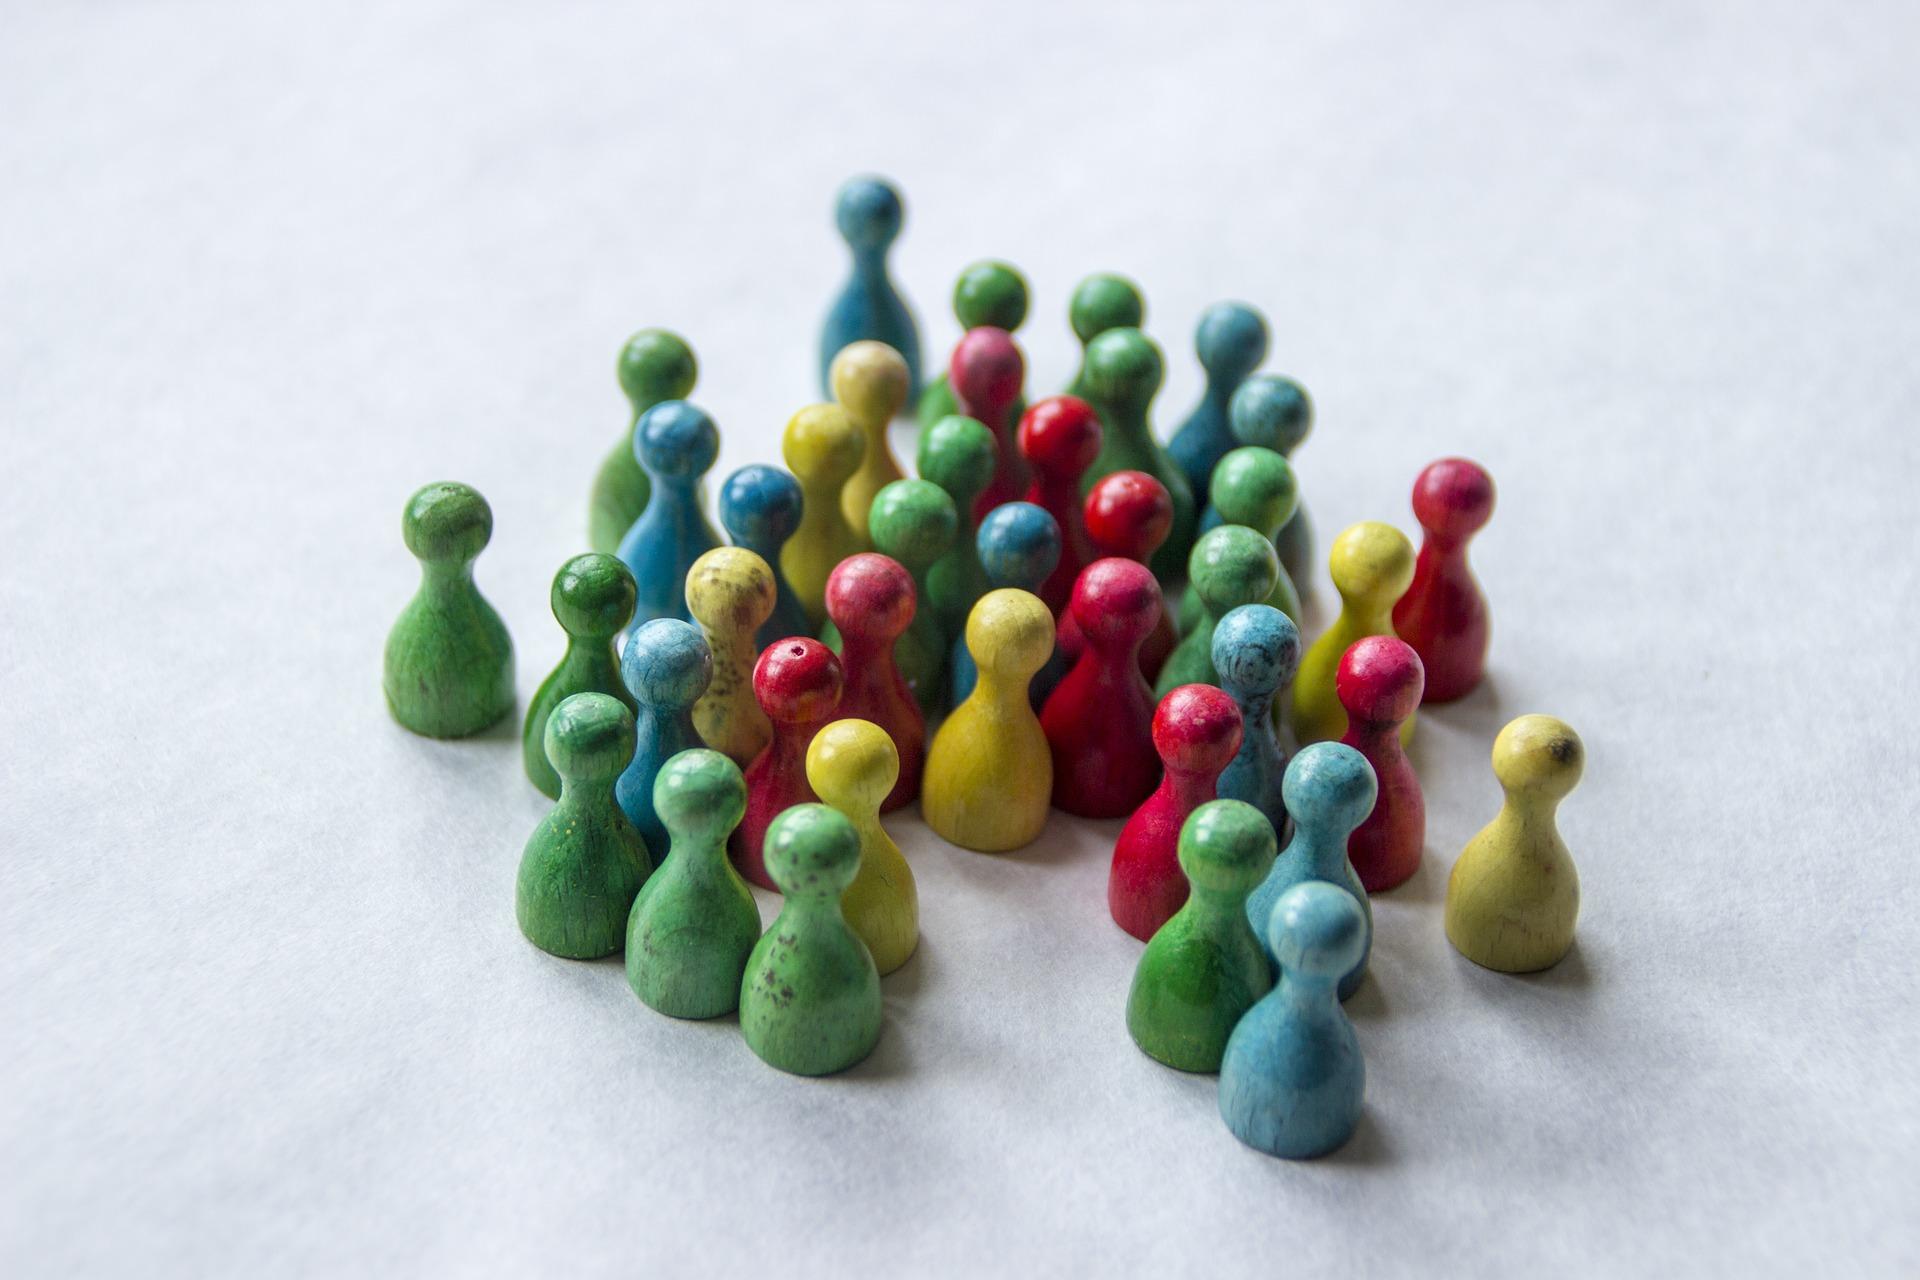 comuni-contributi-potenziamento-servizi-sociali